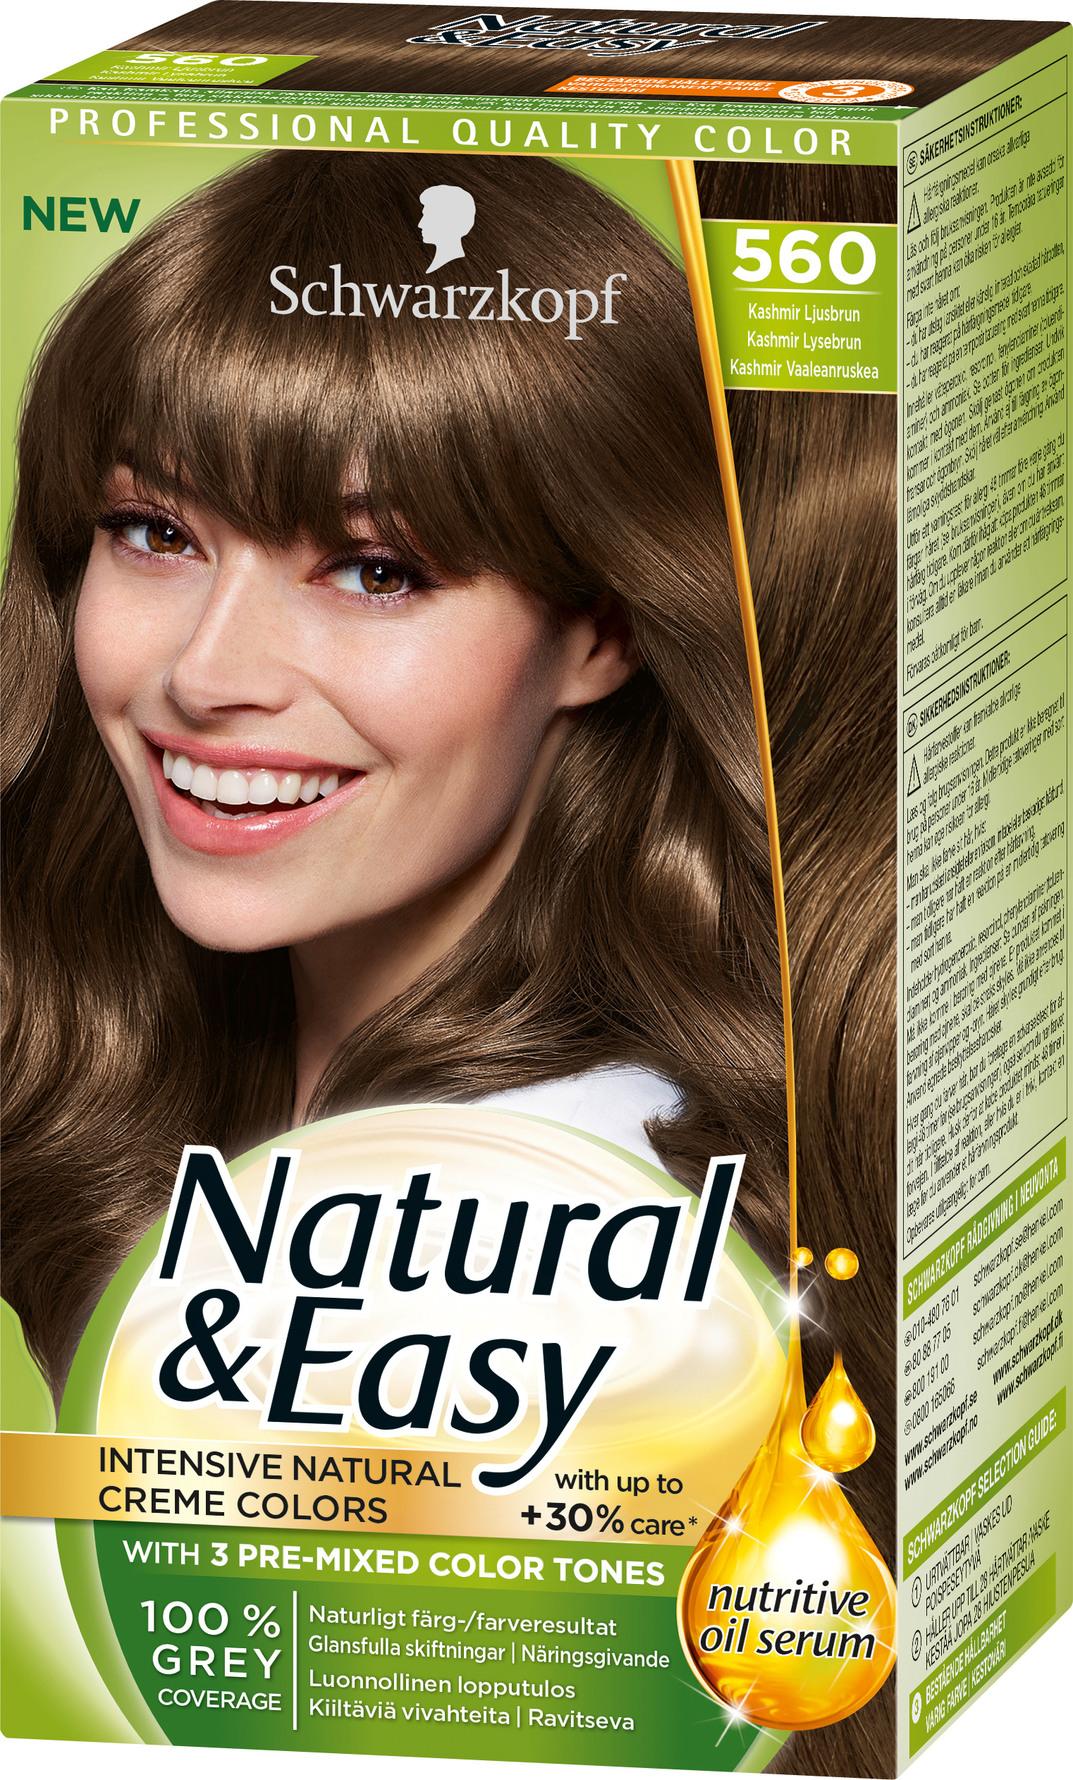 askeblond hårfarve matas